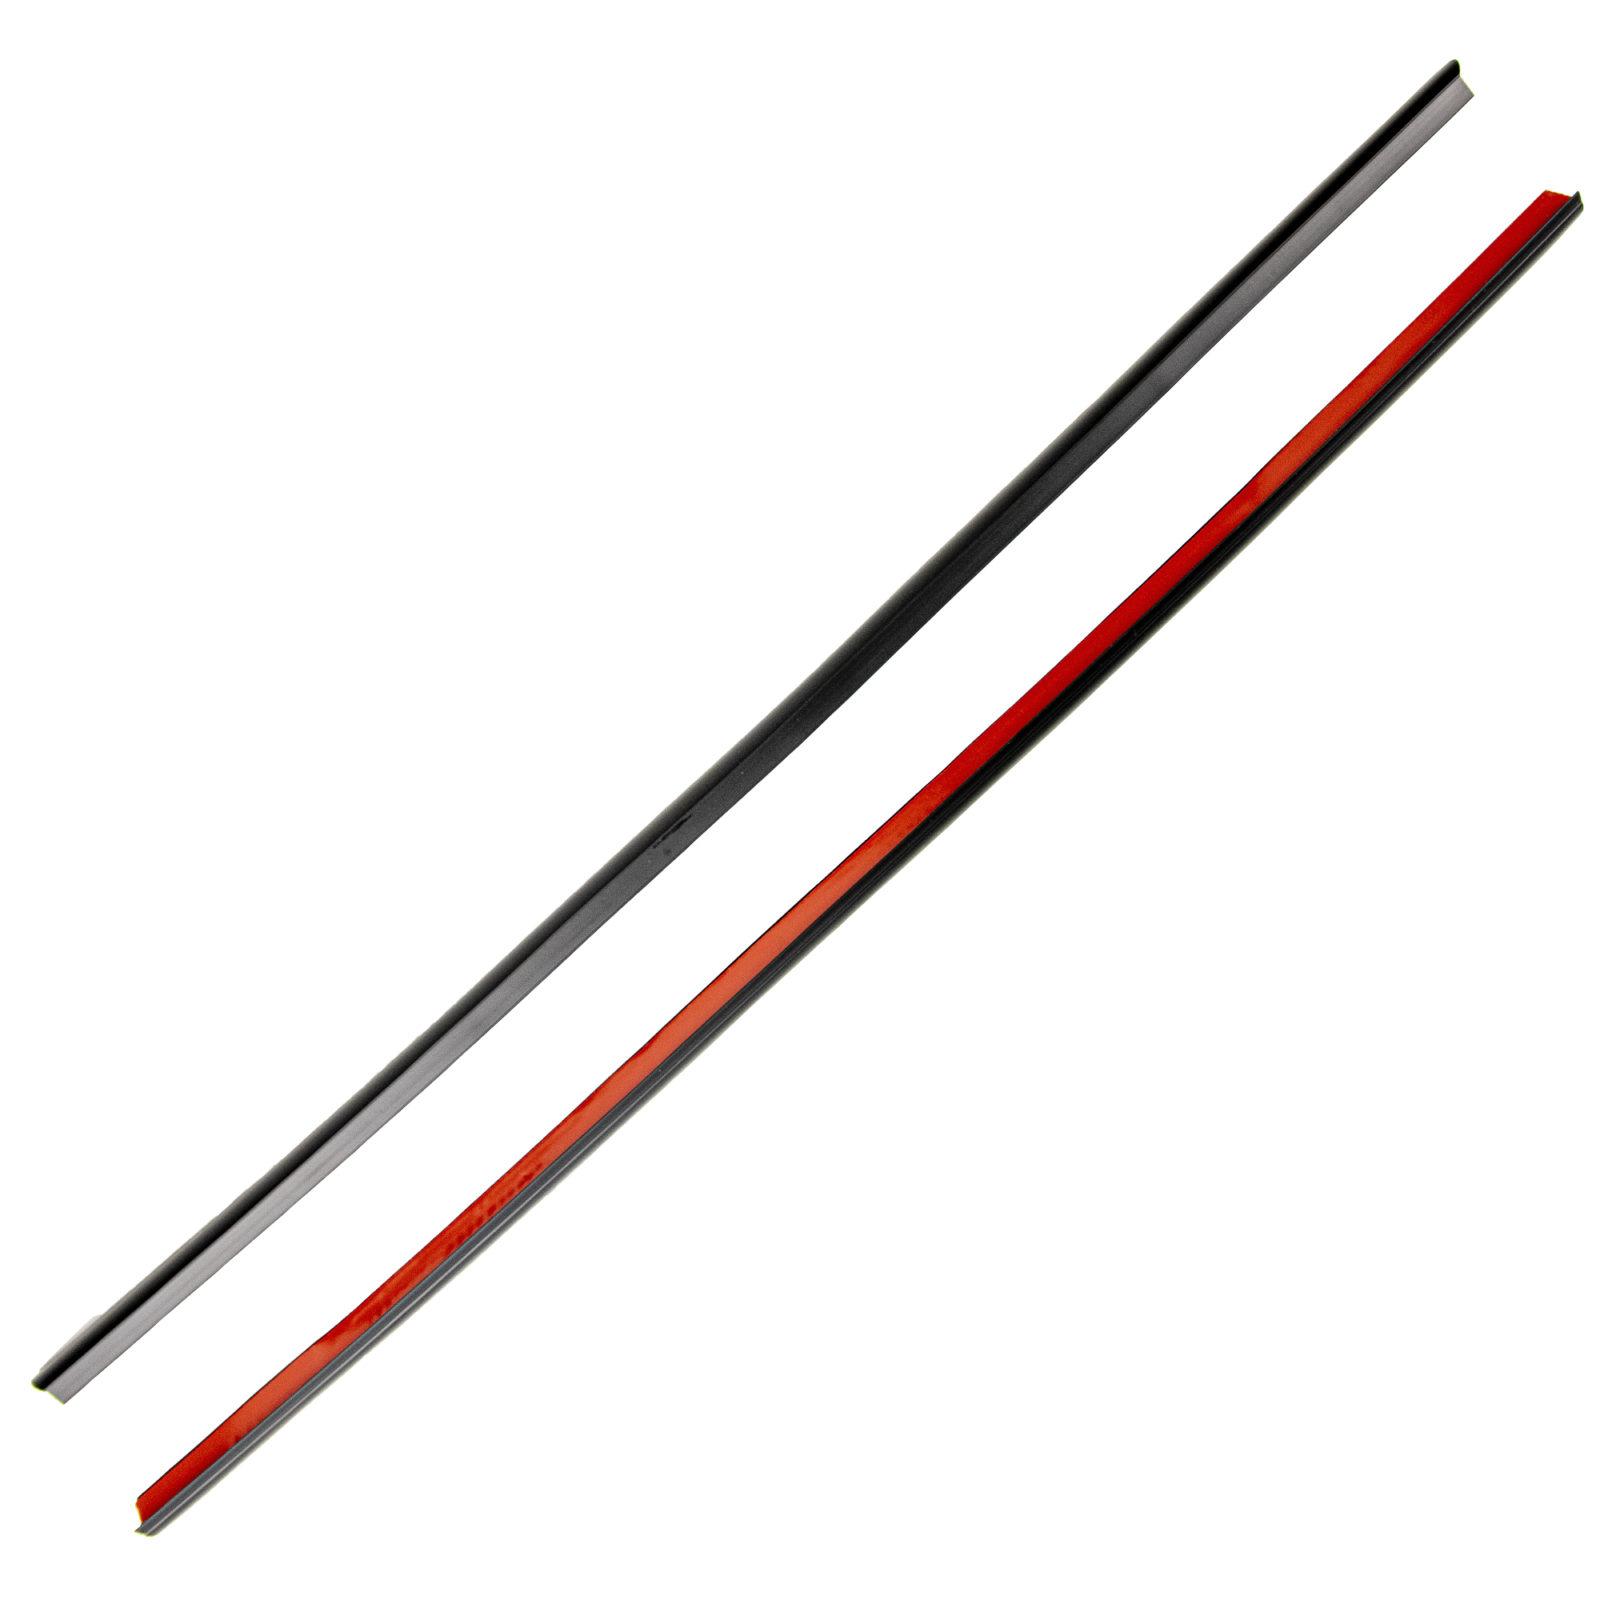 Водосток (дефлектор лобового стекла) ArtForm для LADA Granta; RENAULT Logan, Duster (68 см.)